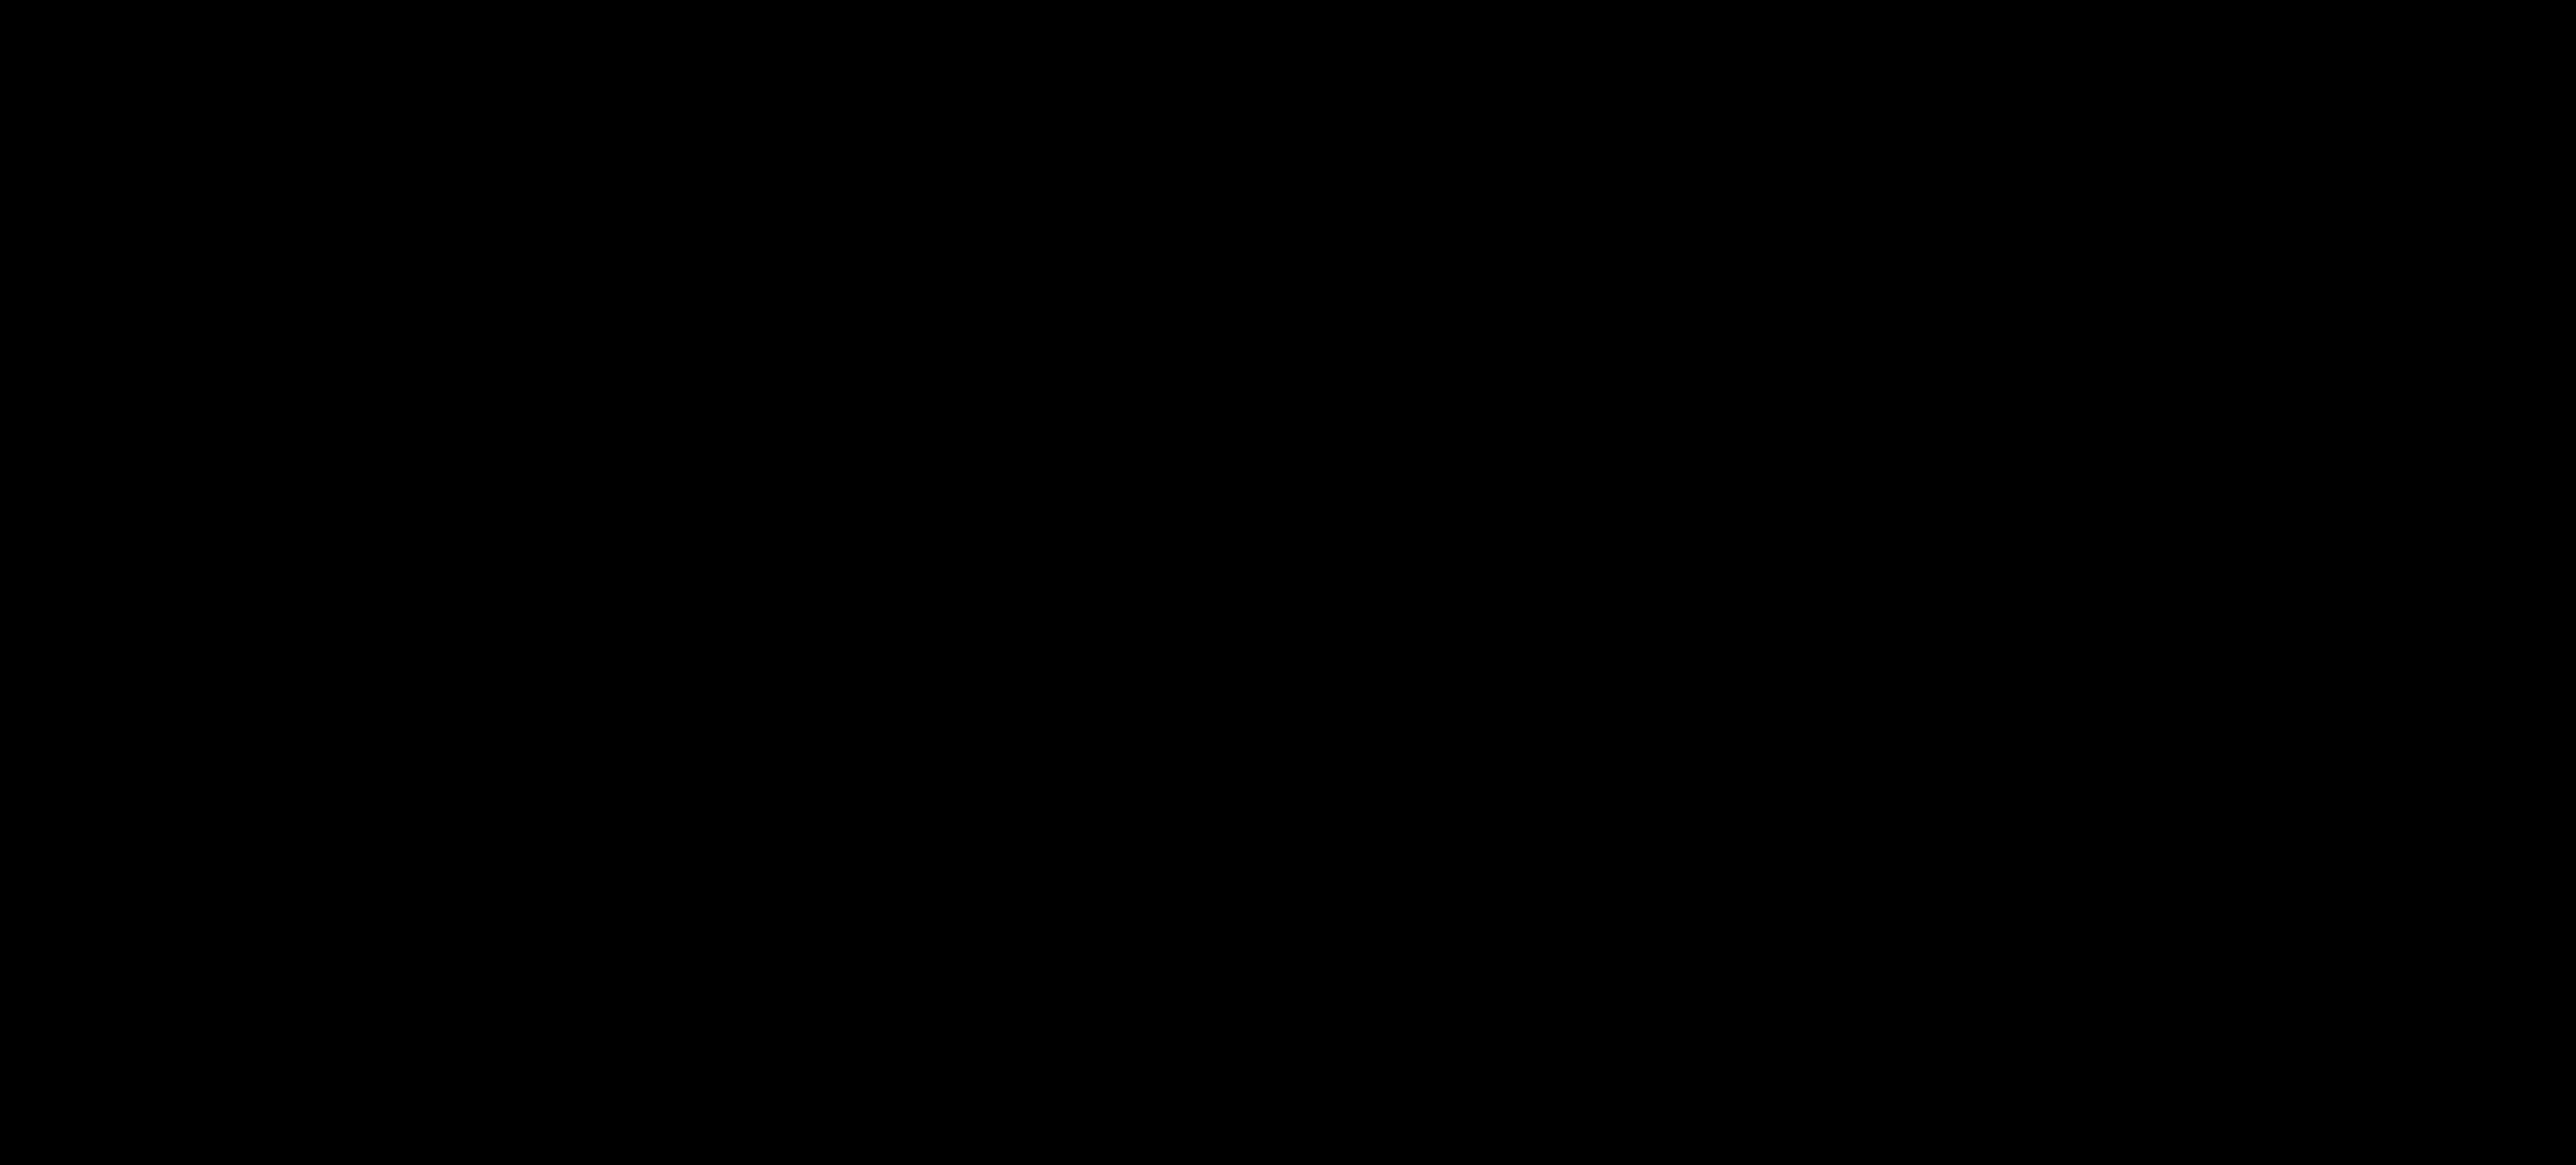 DayZ Logo Image